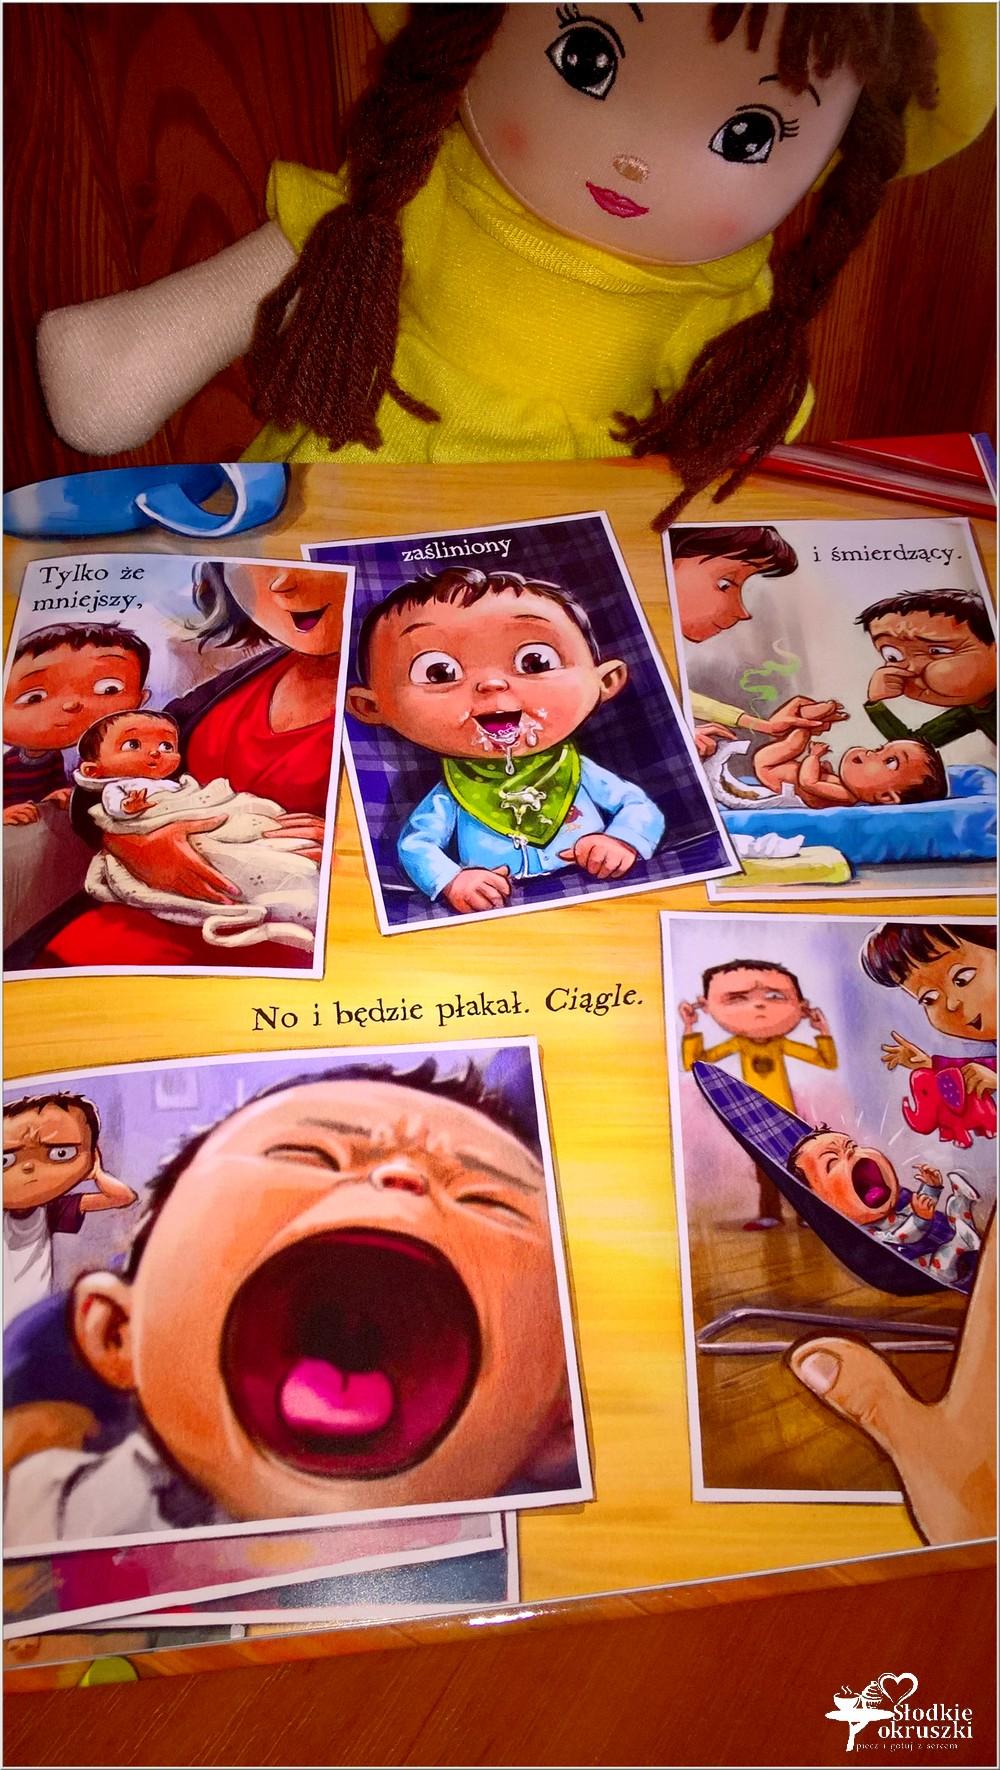 Niezwykła książka dla dzieci. Gdy smok się wprowadza ponownie (4)